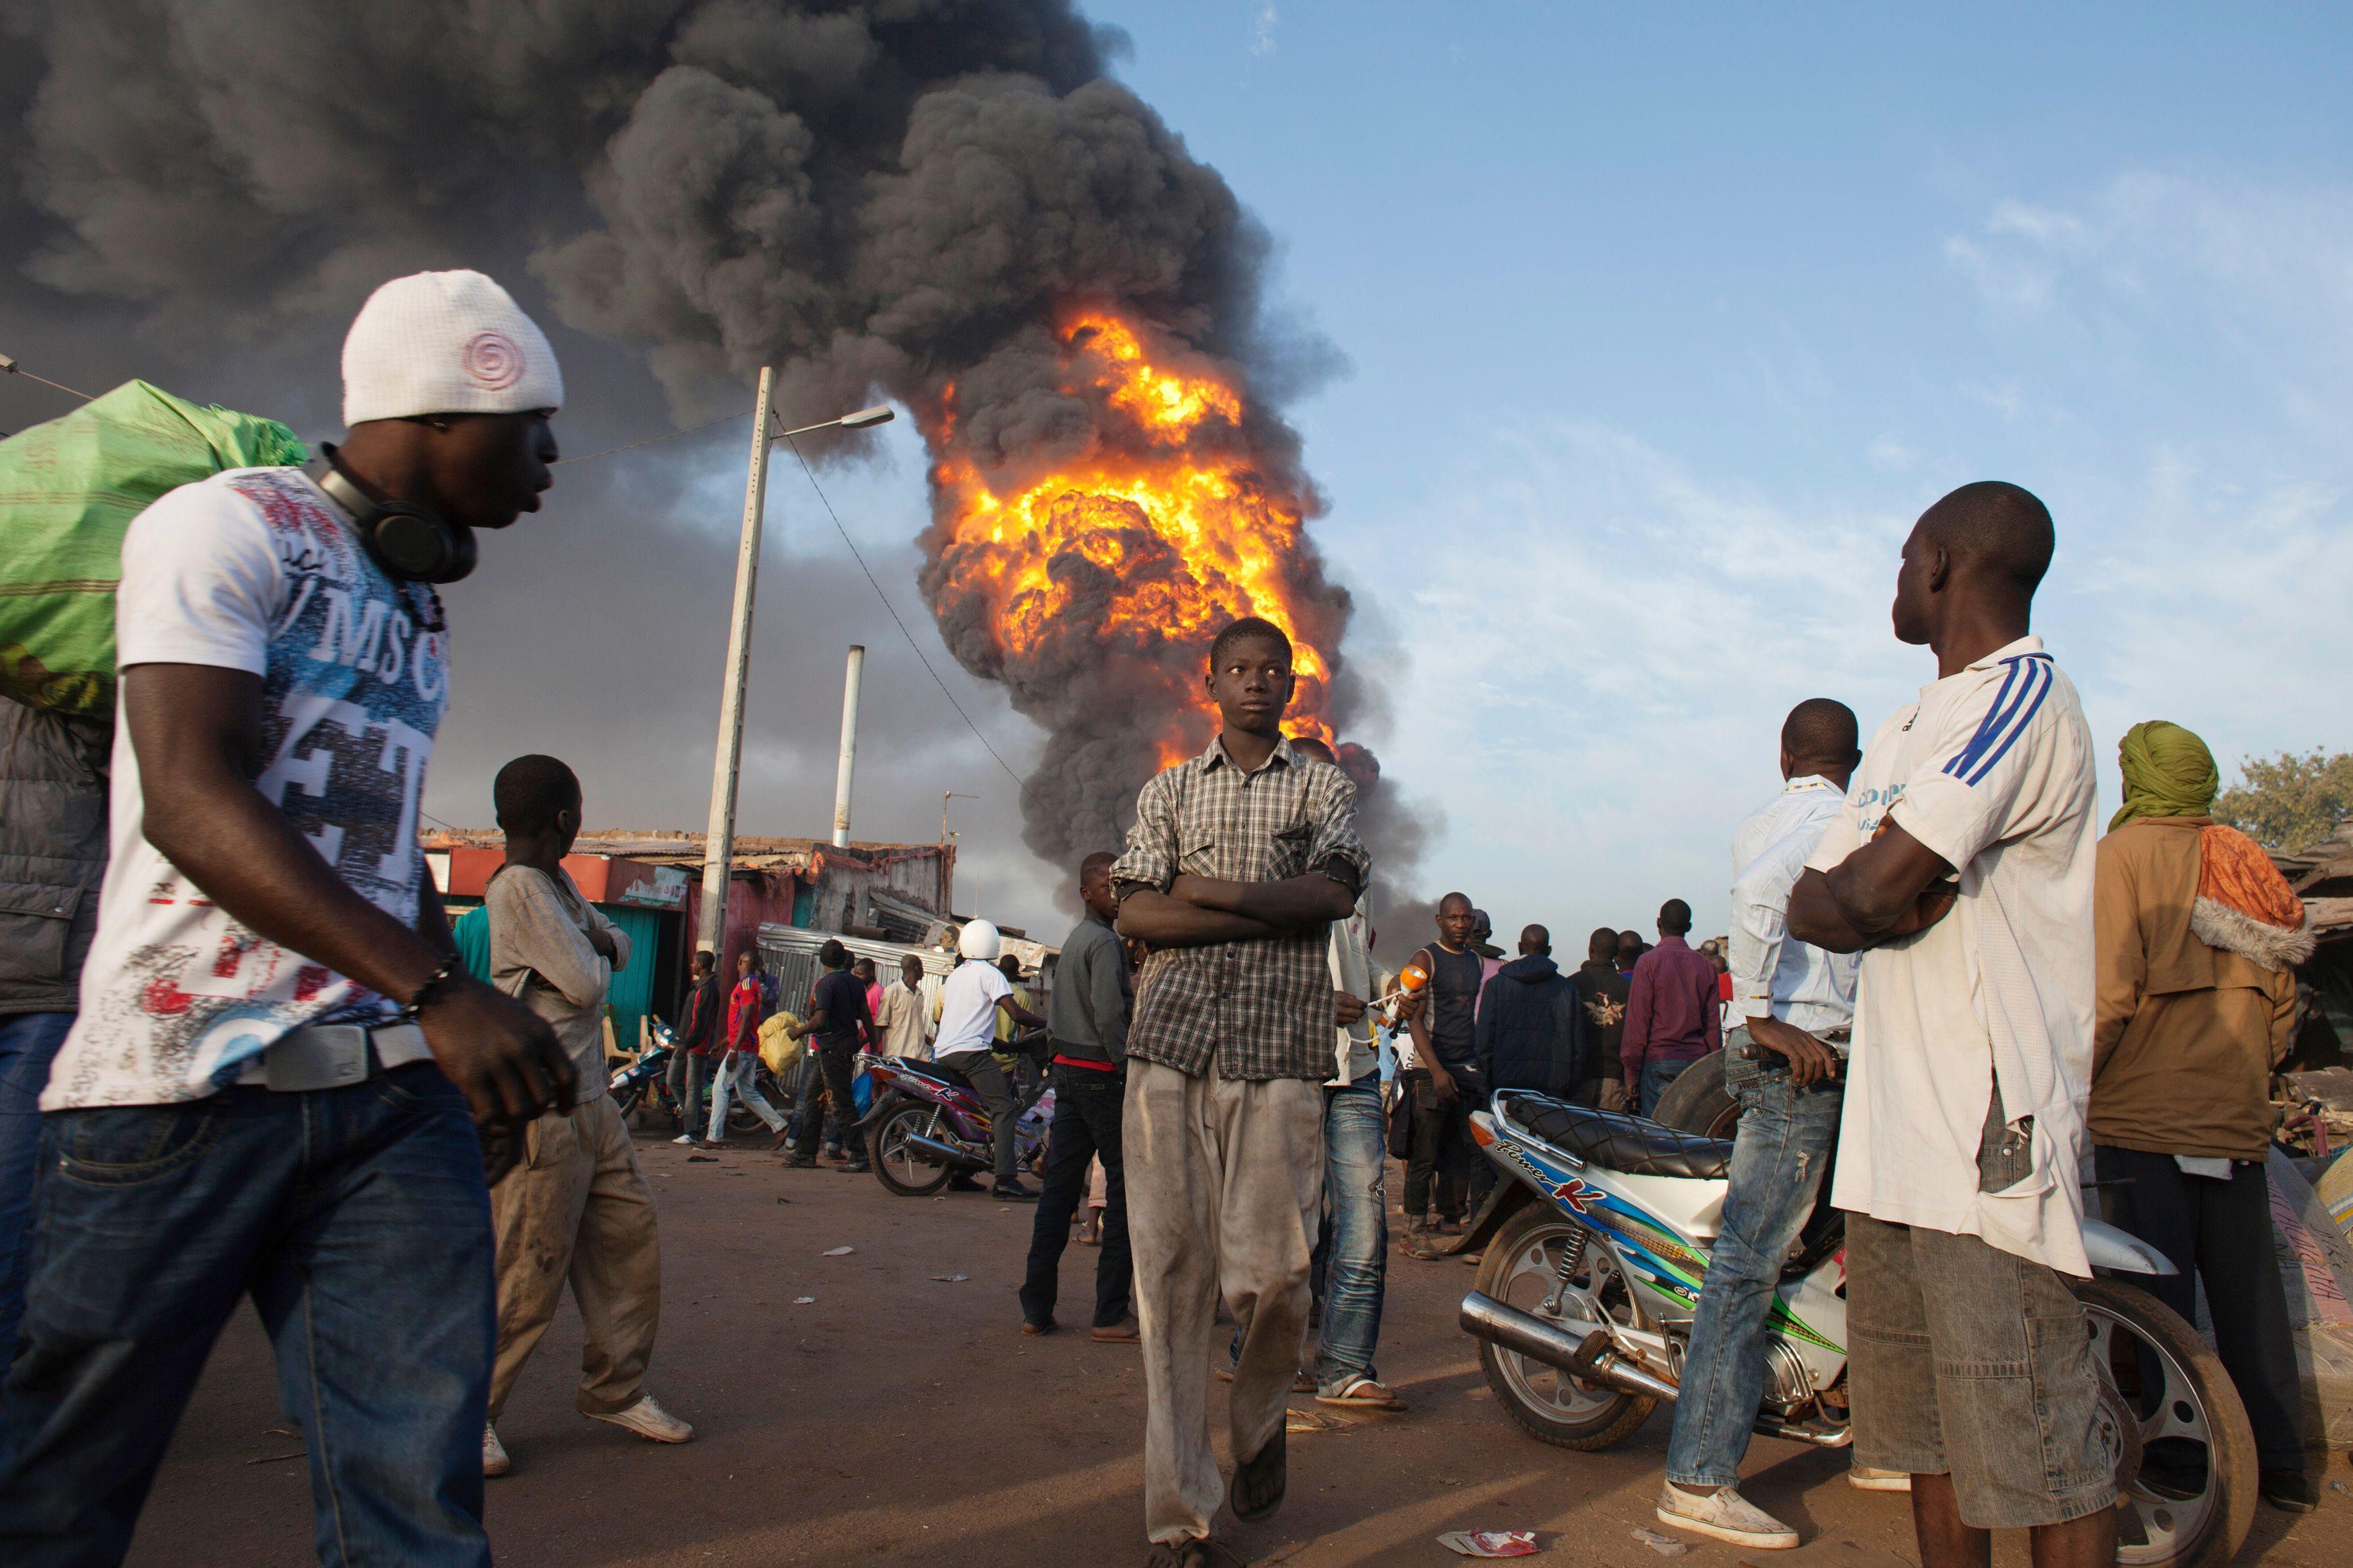 Le Mali, en pleine déliquescence, pose la question de la viabilité de certains Etats africains.